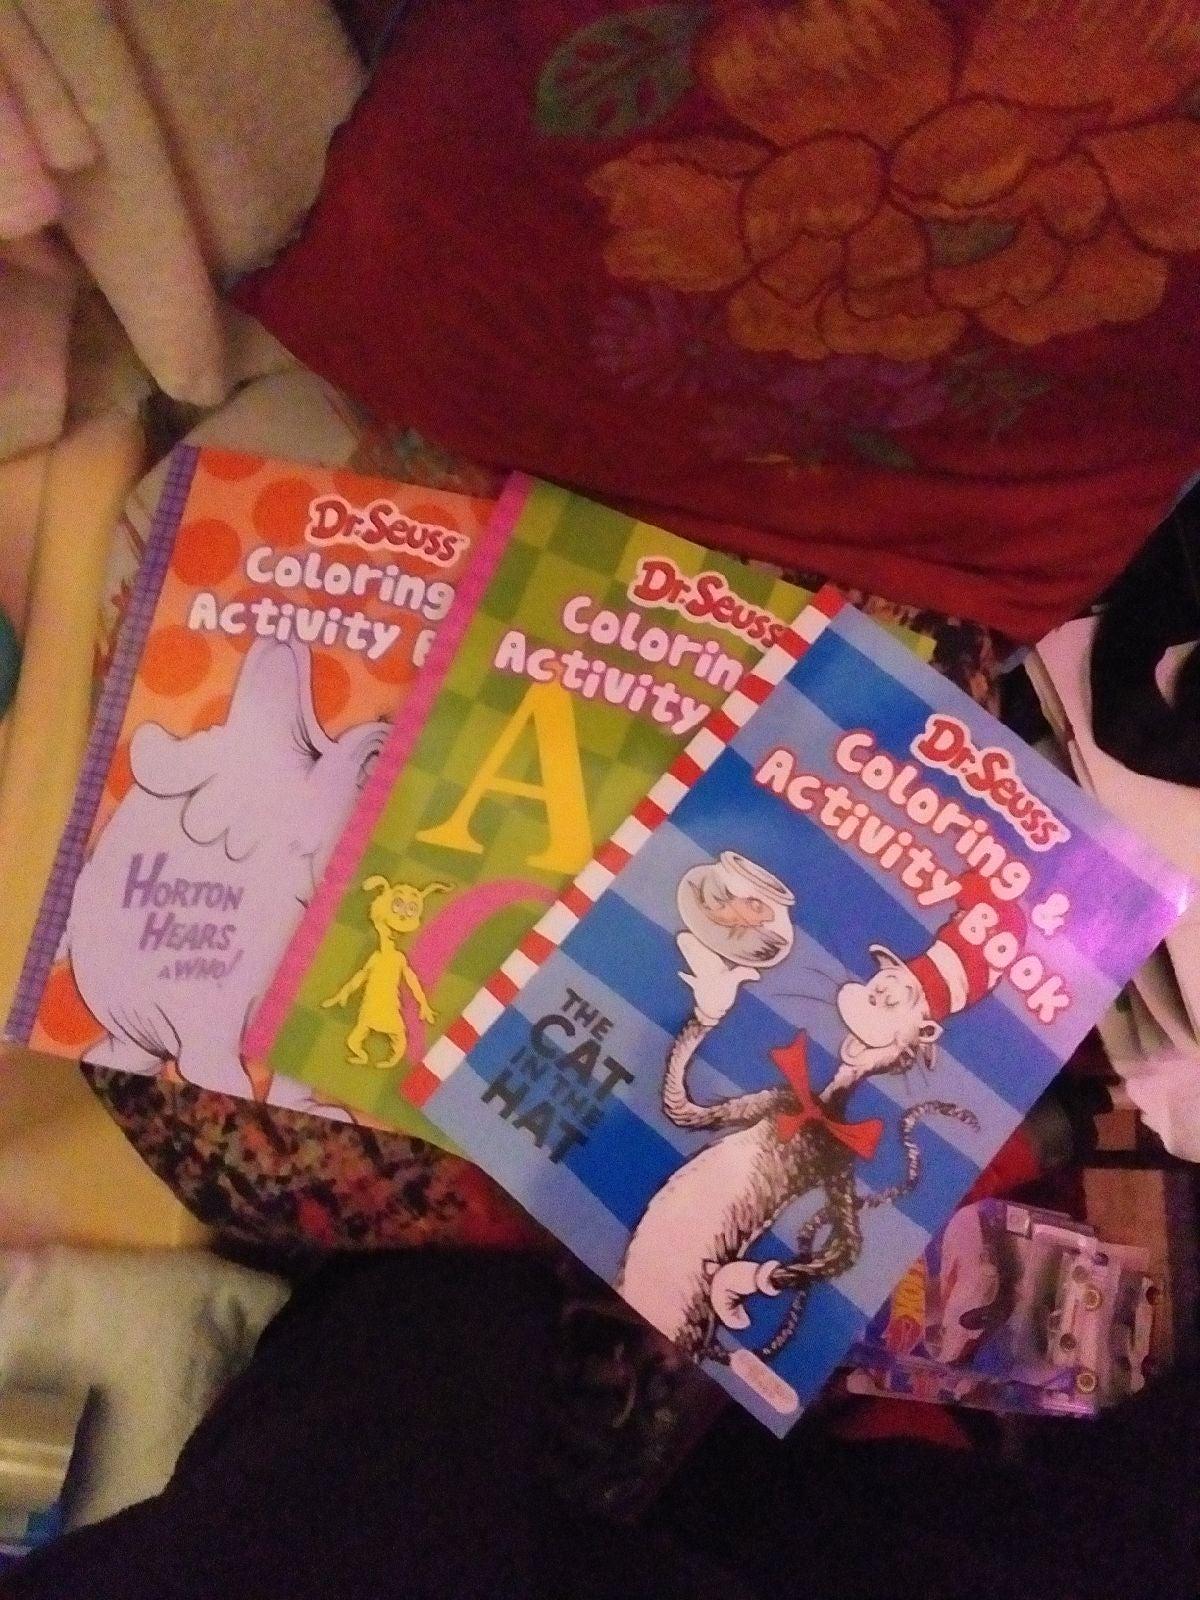 Dr. Seuss Coloring & Activity Books×3